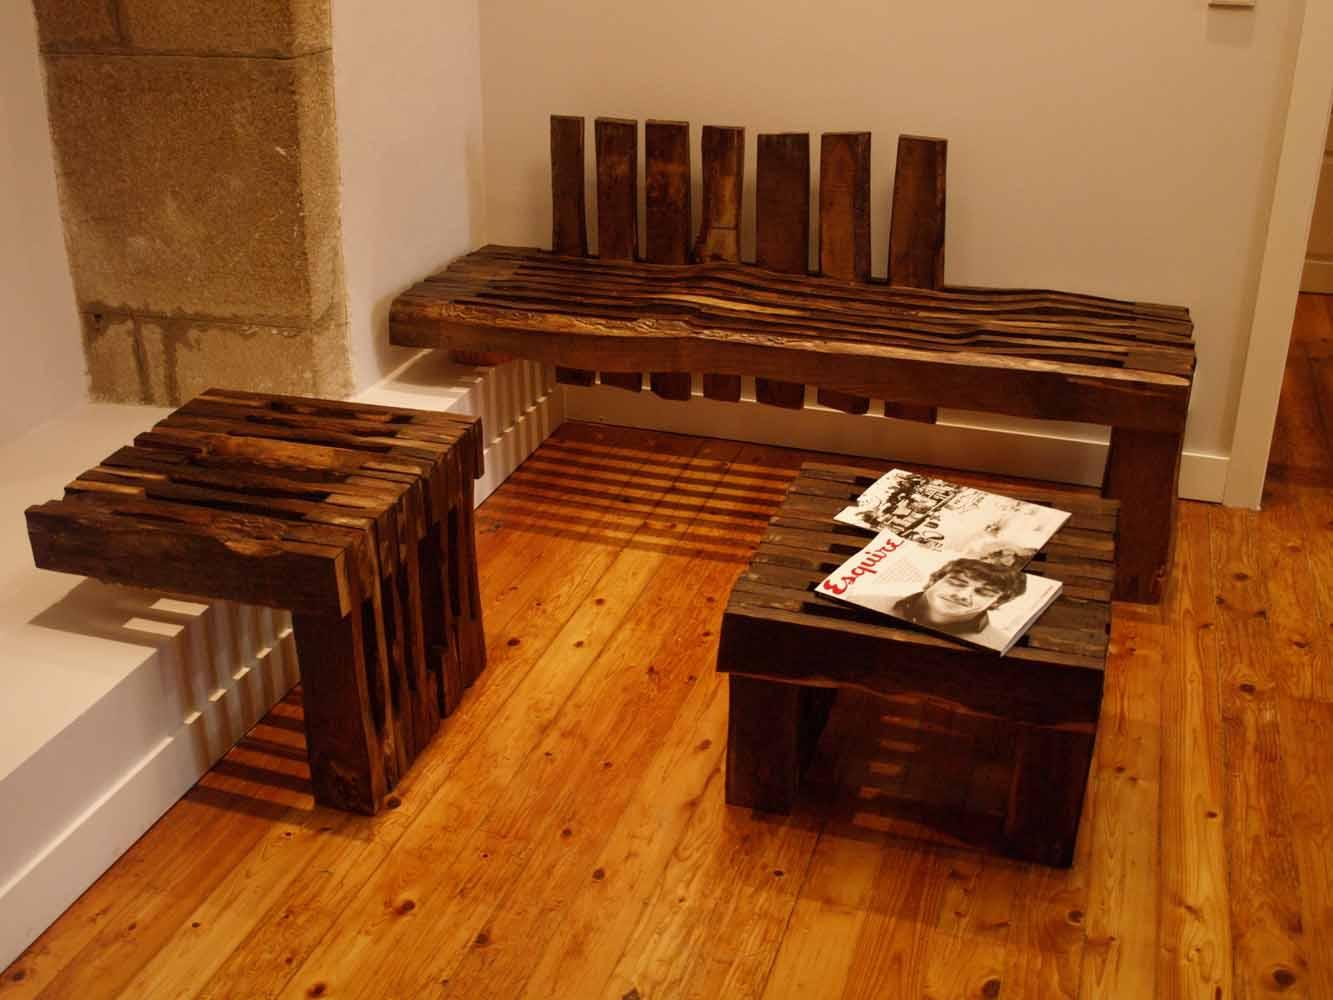 Arquitectura arquidea reforma de oficina por mas for Diseno de muebles con madera reciclada